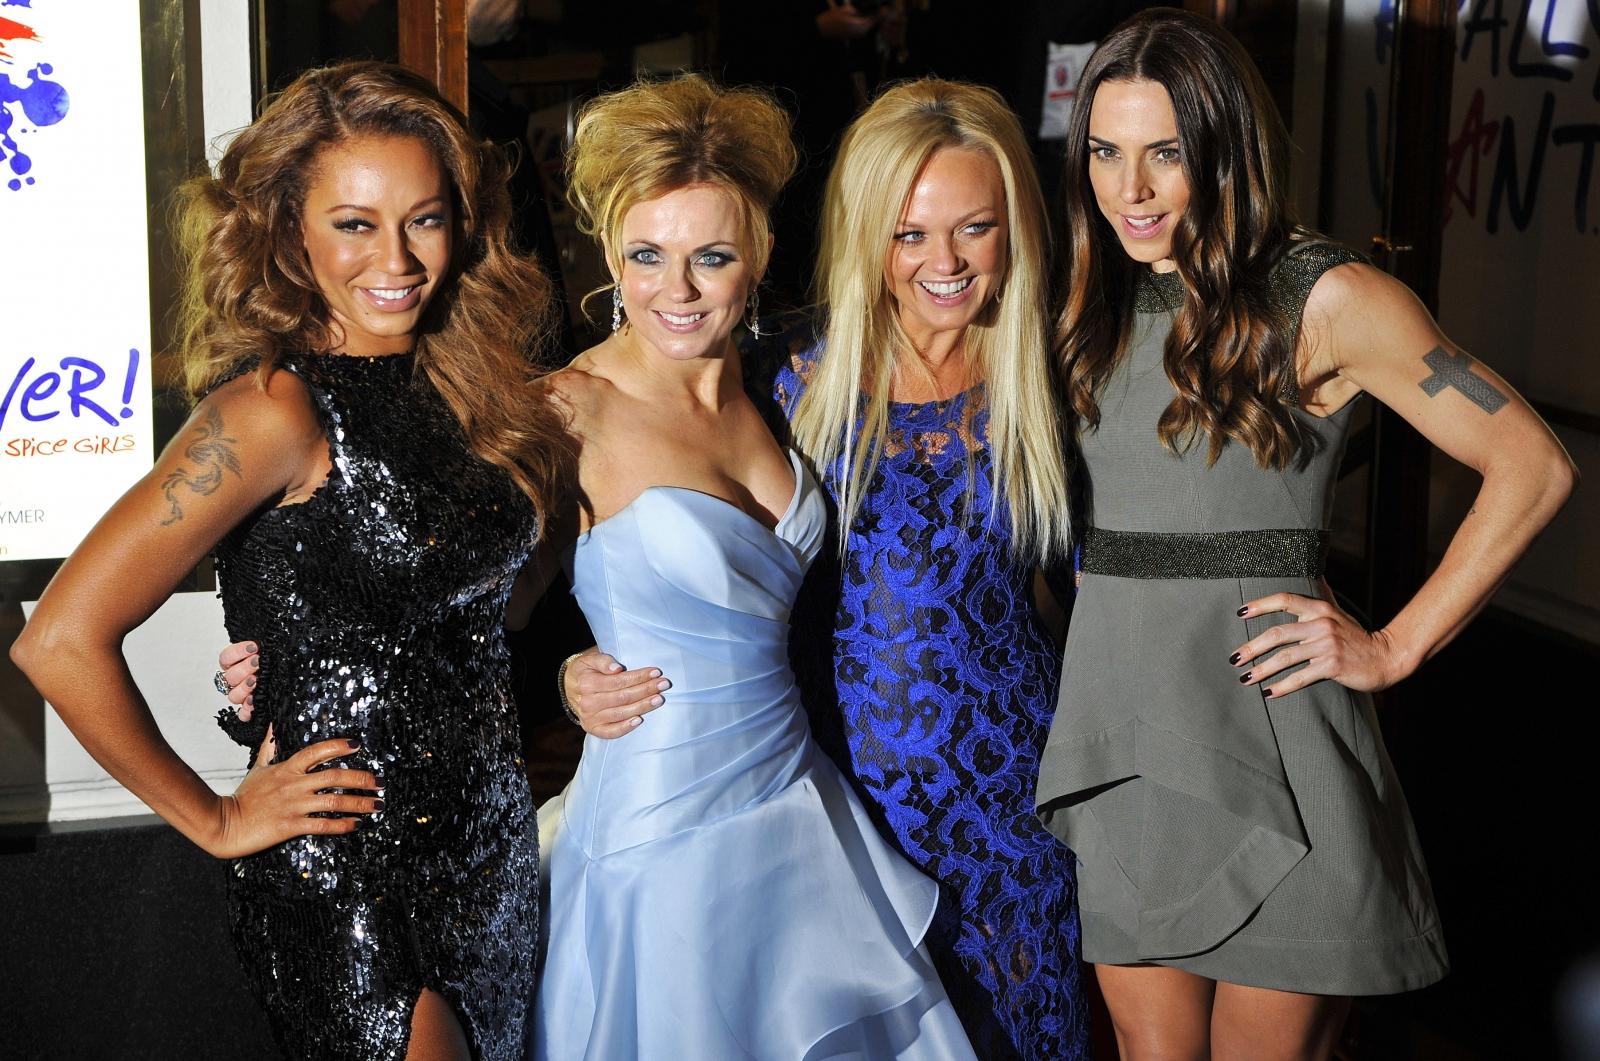 The Spice Girls Viva Forever Launch